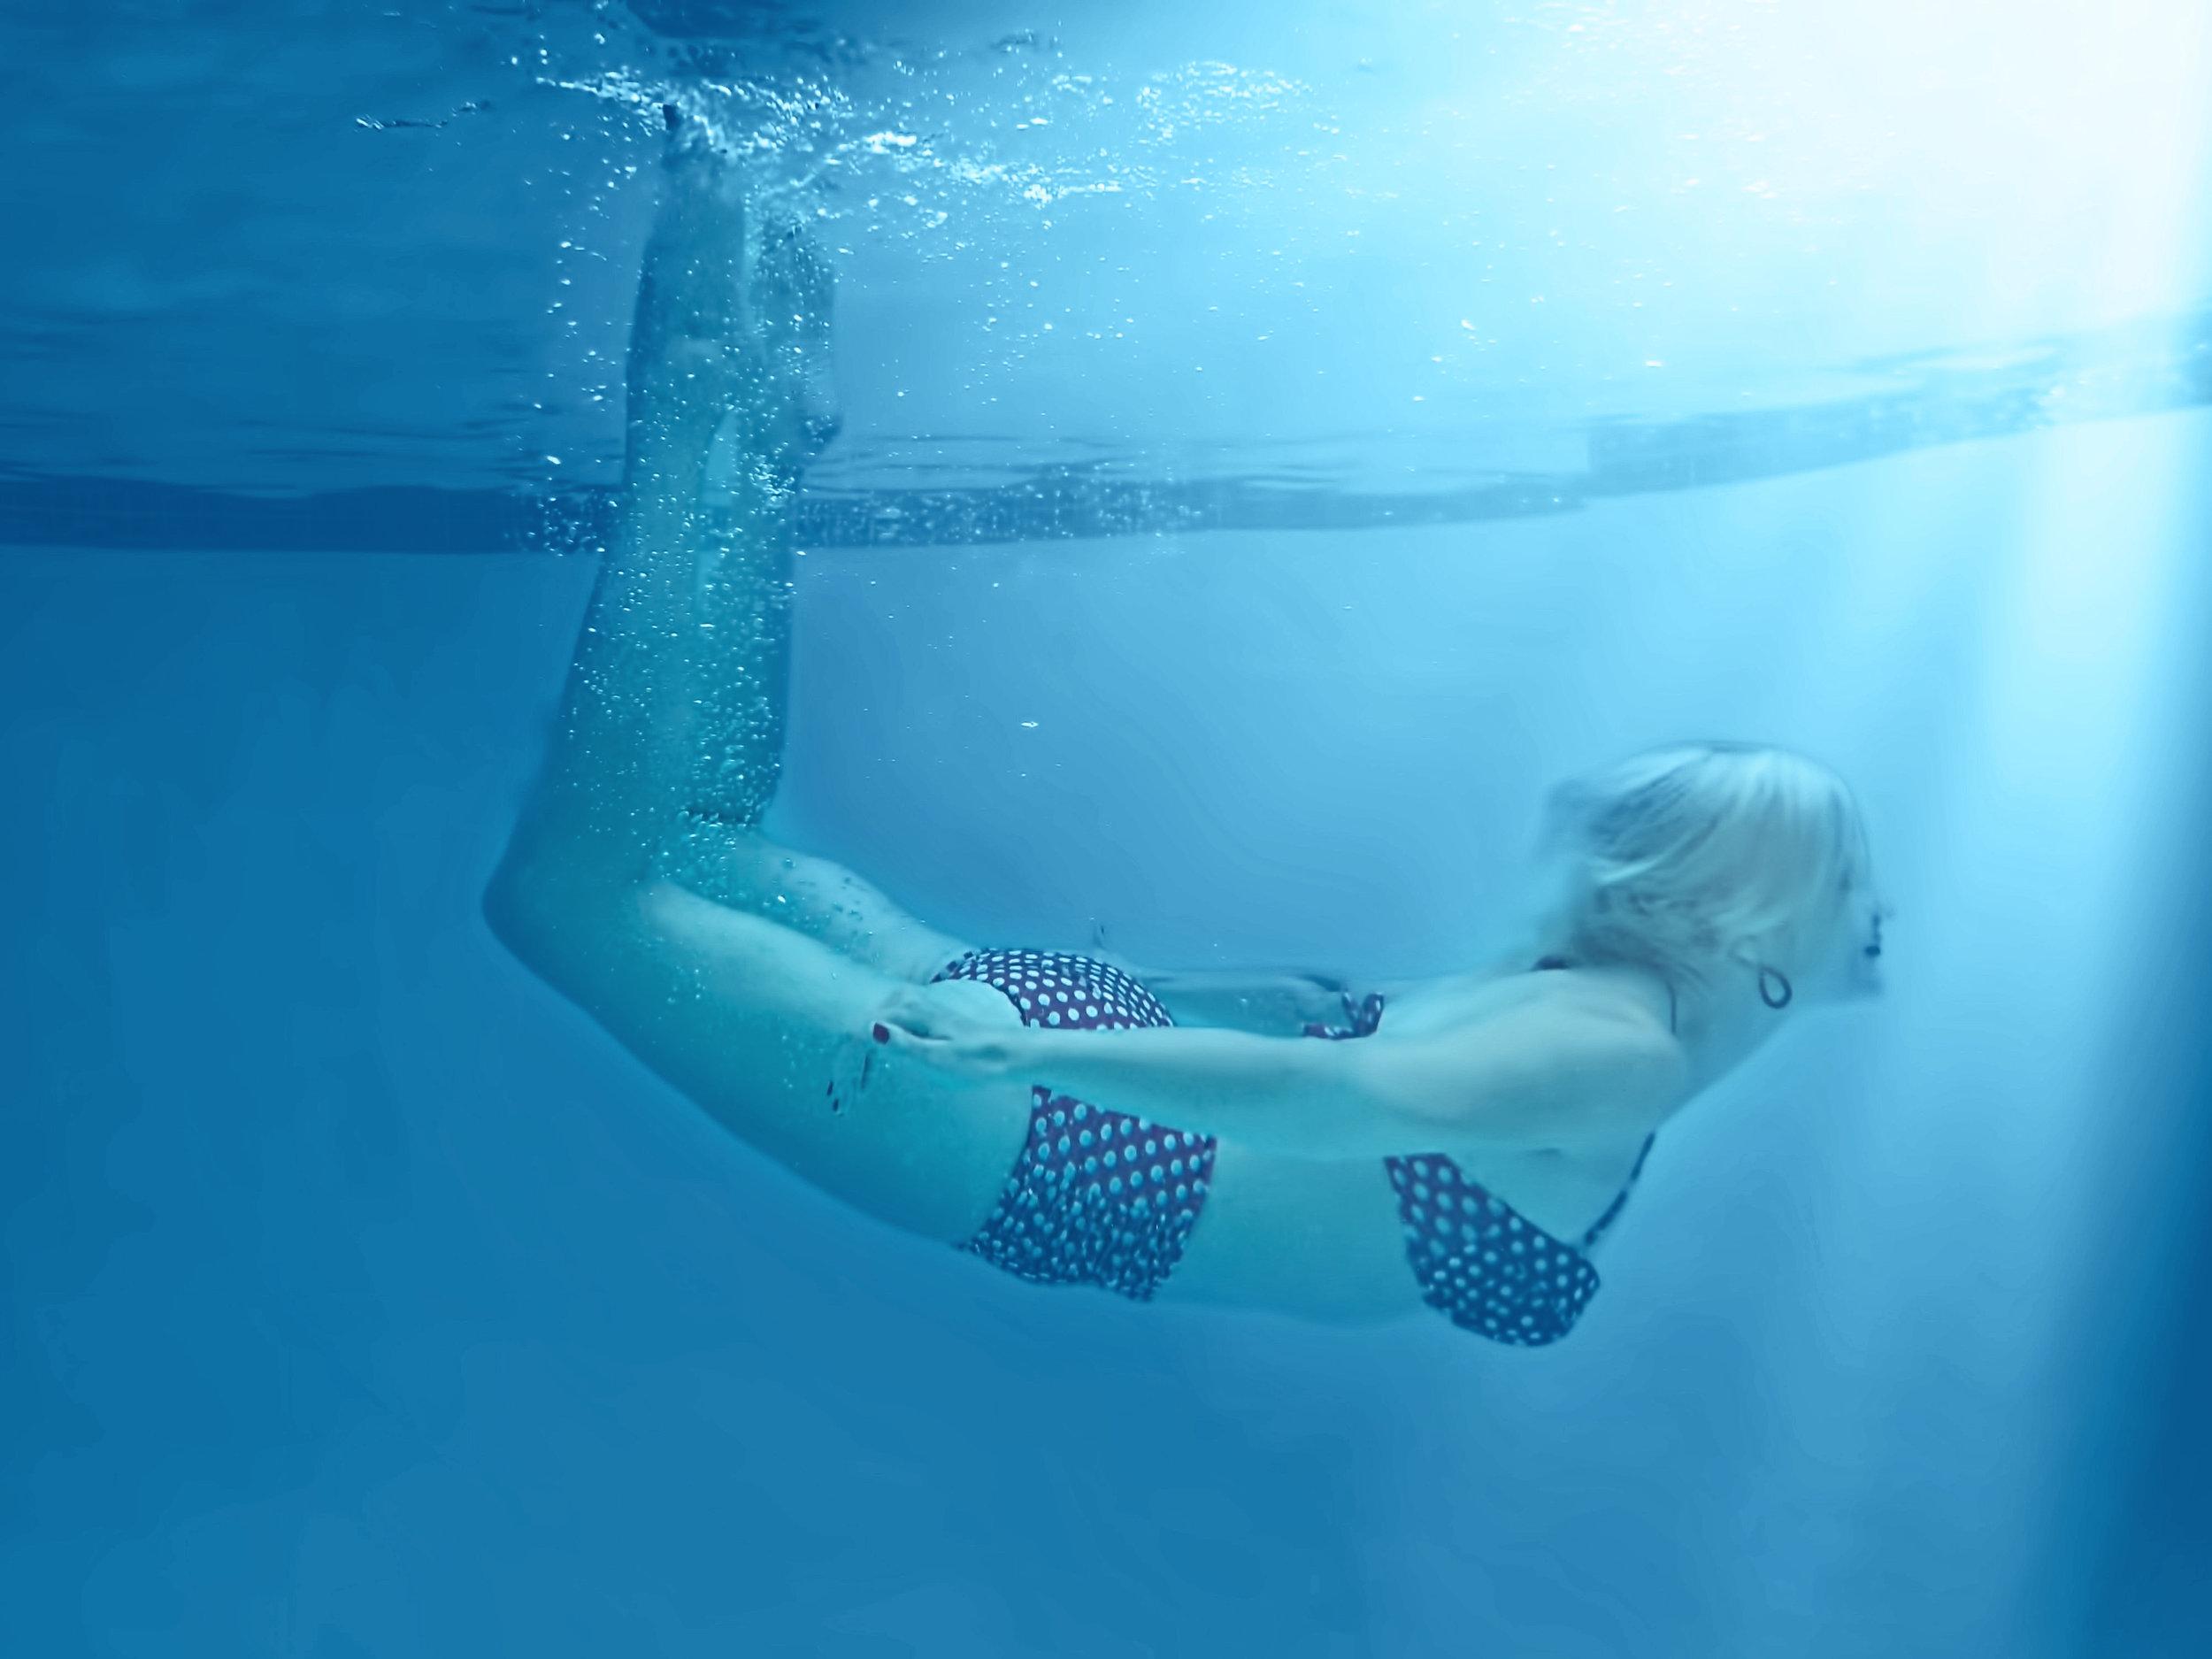 diving-fitness-fun-261260 EDIT 2.jpg